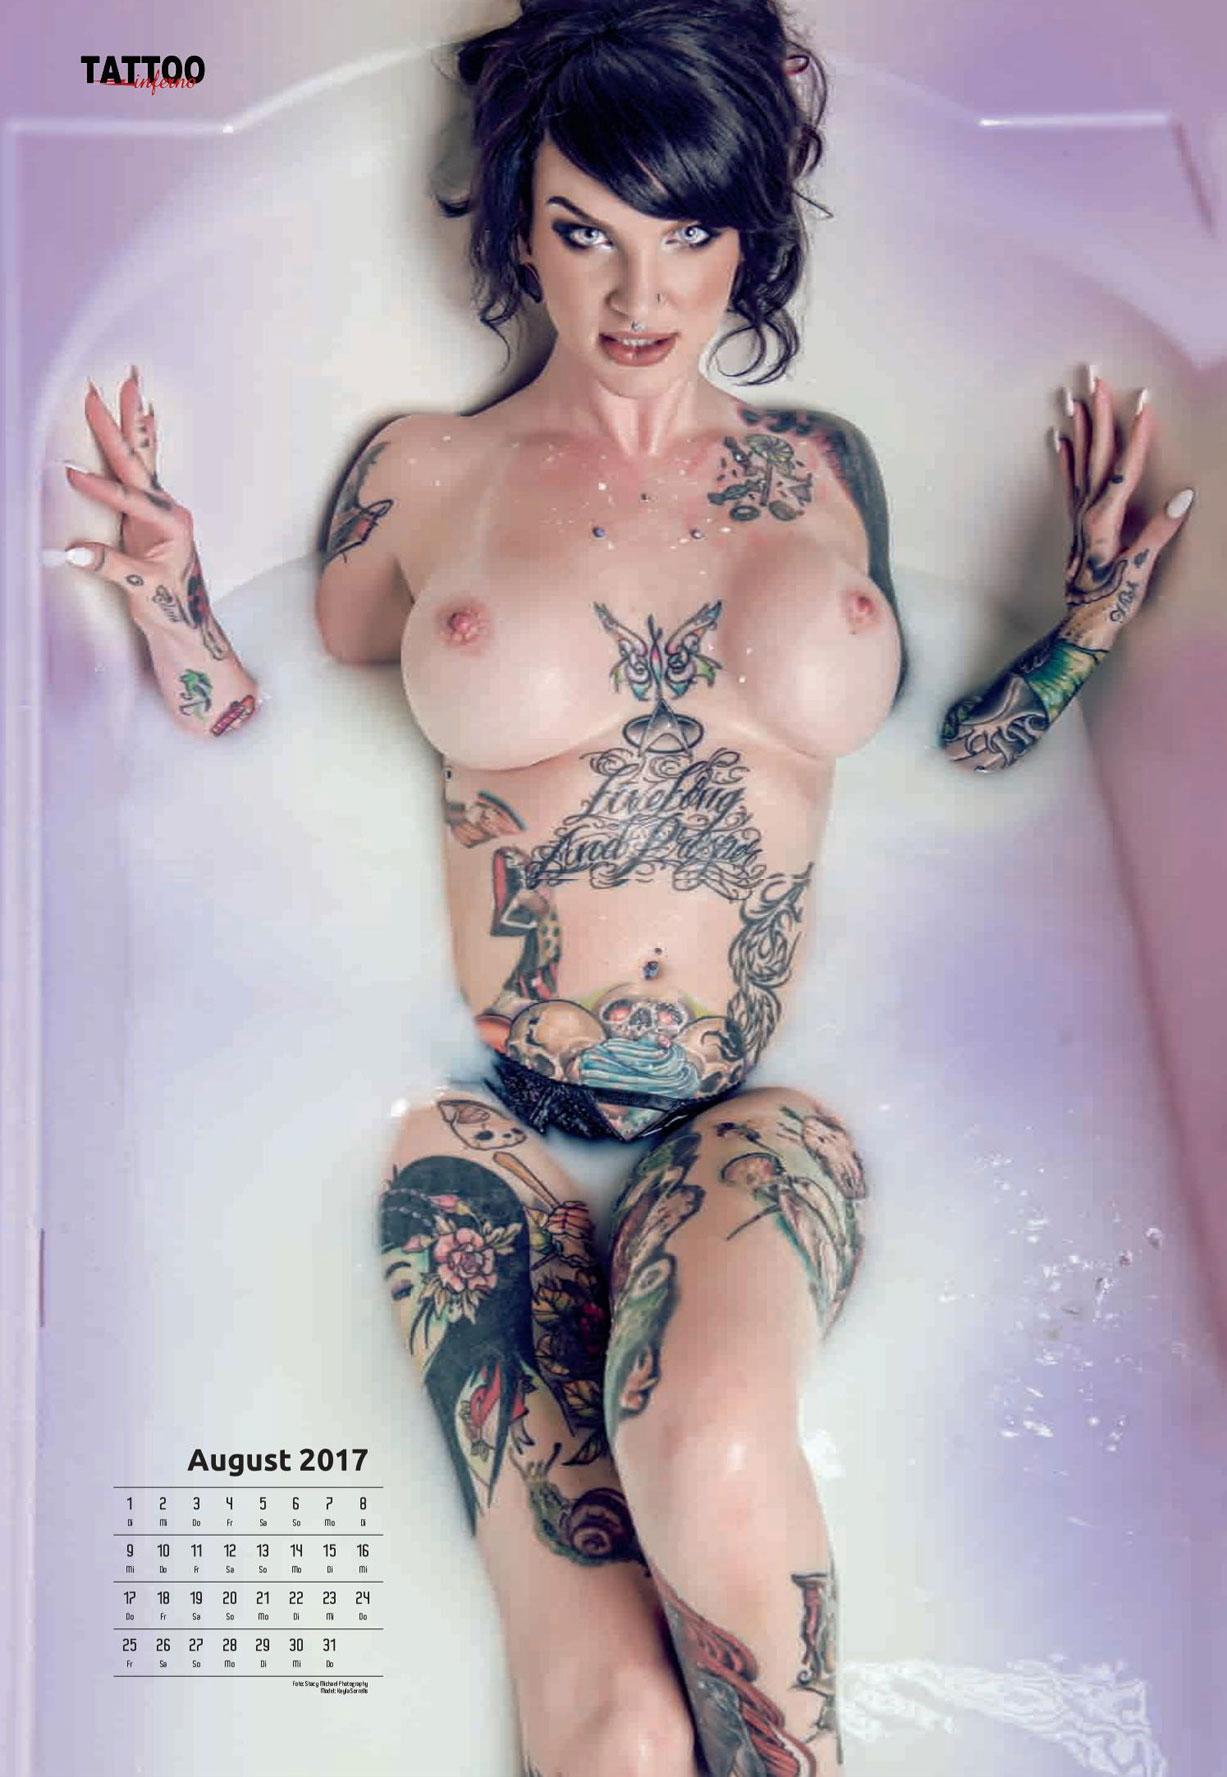 Голые татуированные девушки в календаре 2017 Tattoo Inferno calendar